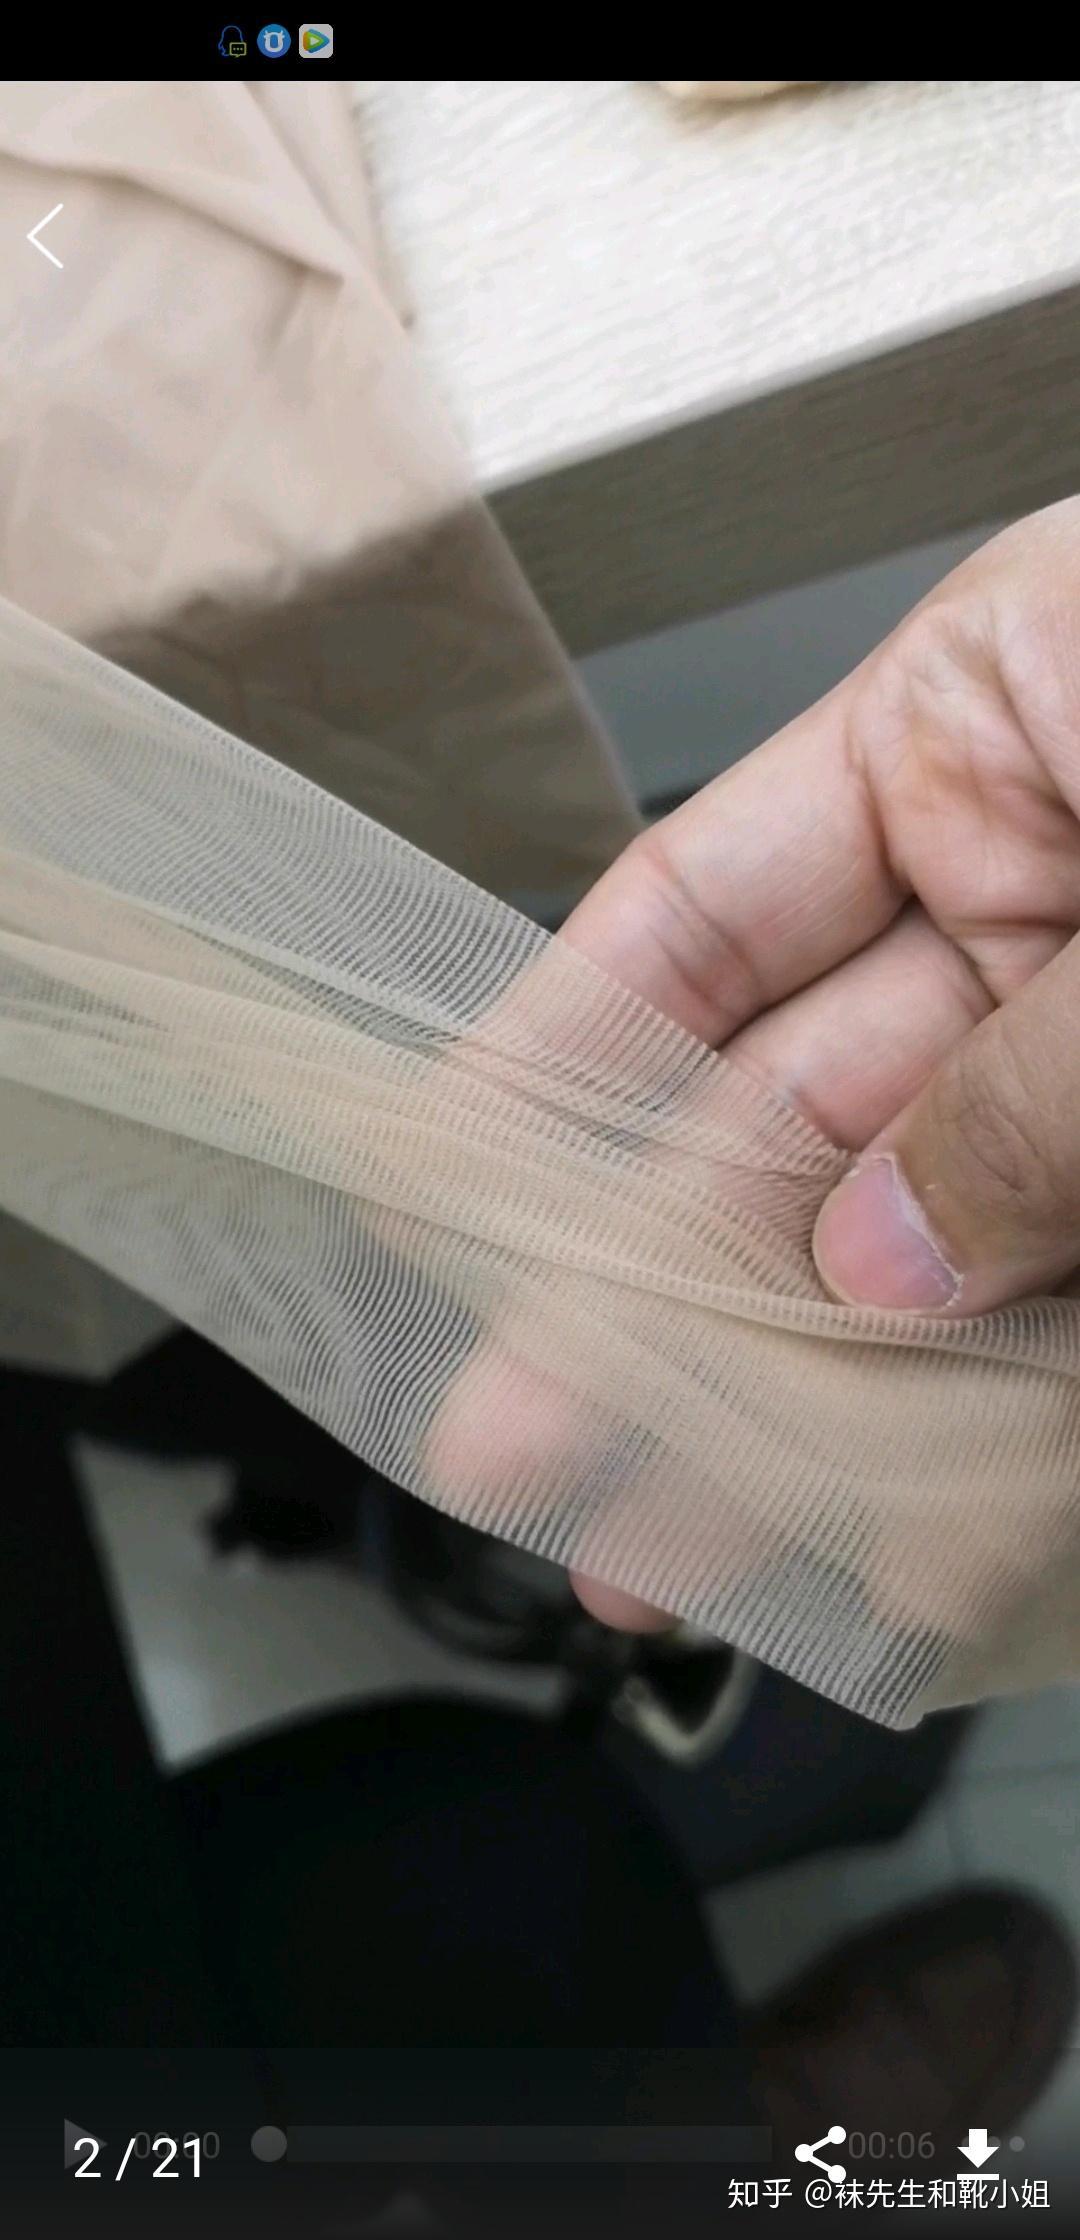 天鹅绒丝袜_什么品牌的丝袜既薄,又不容易刮坏? - 知乎